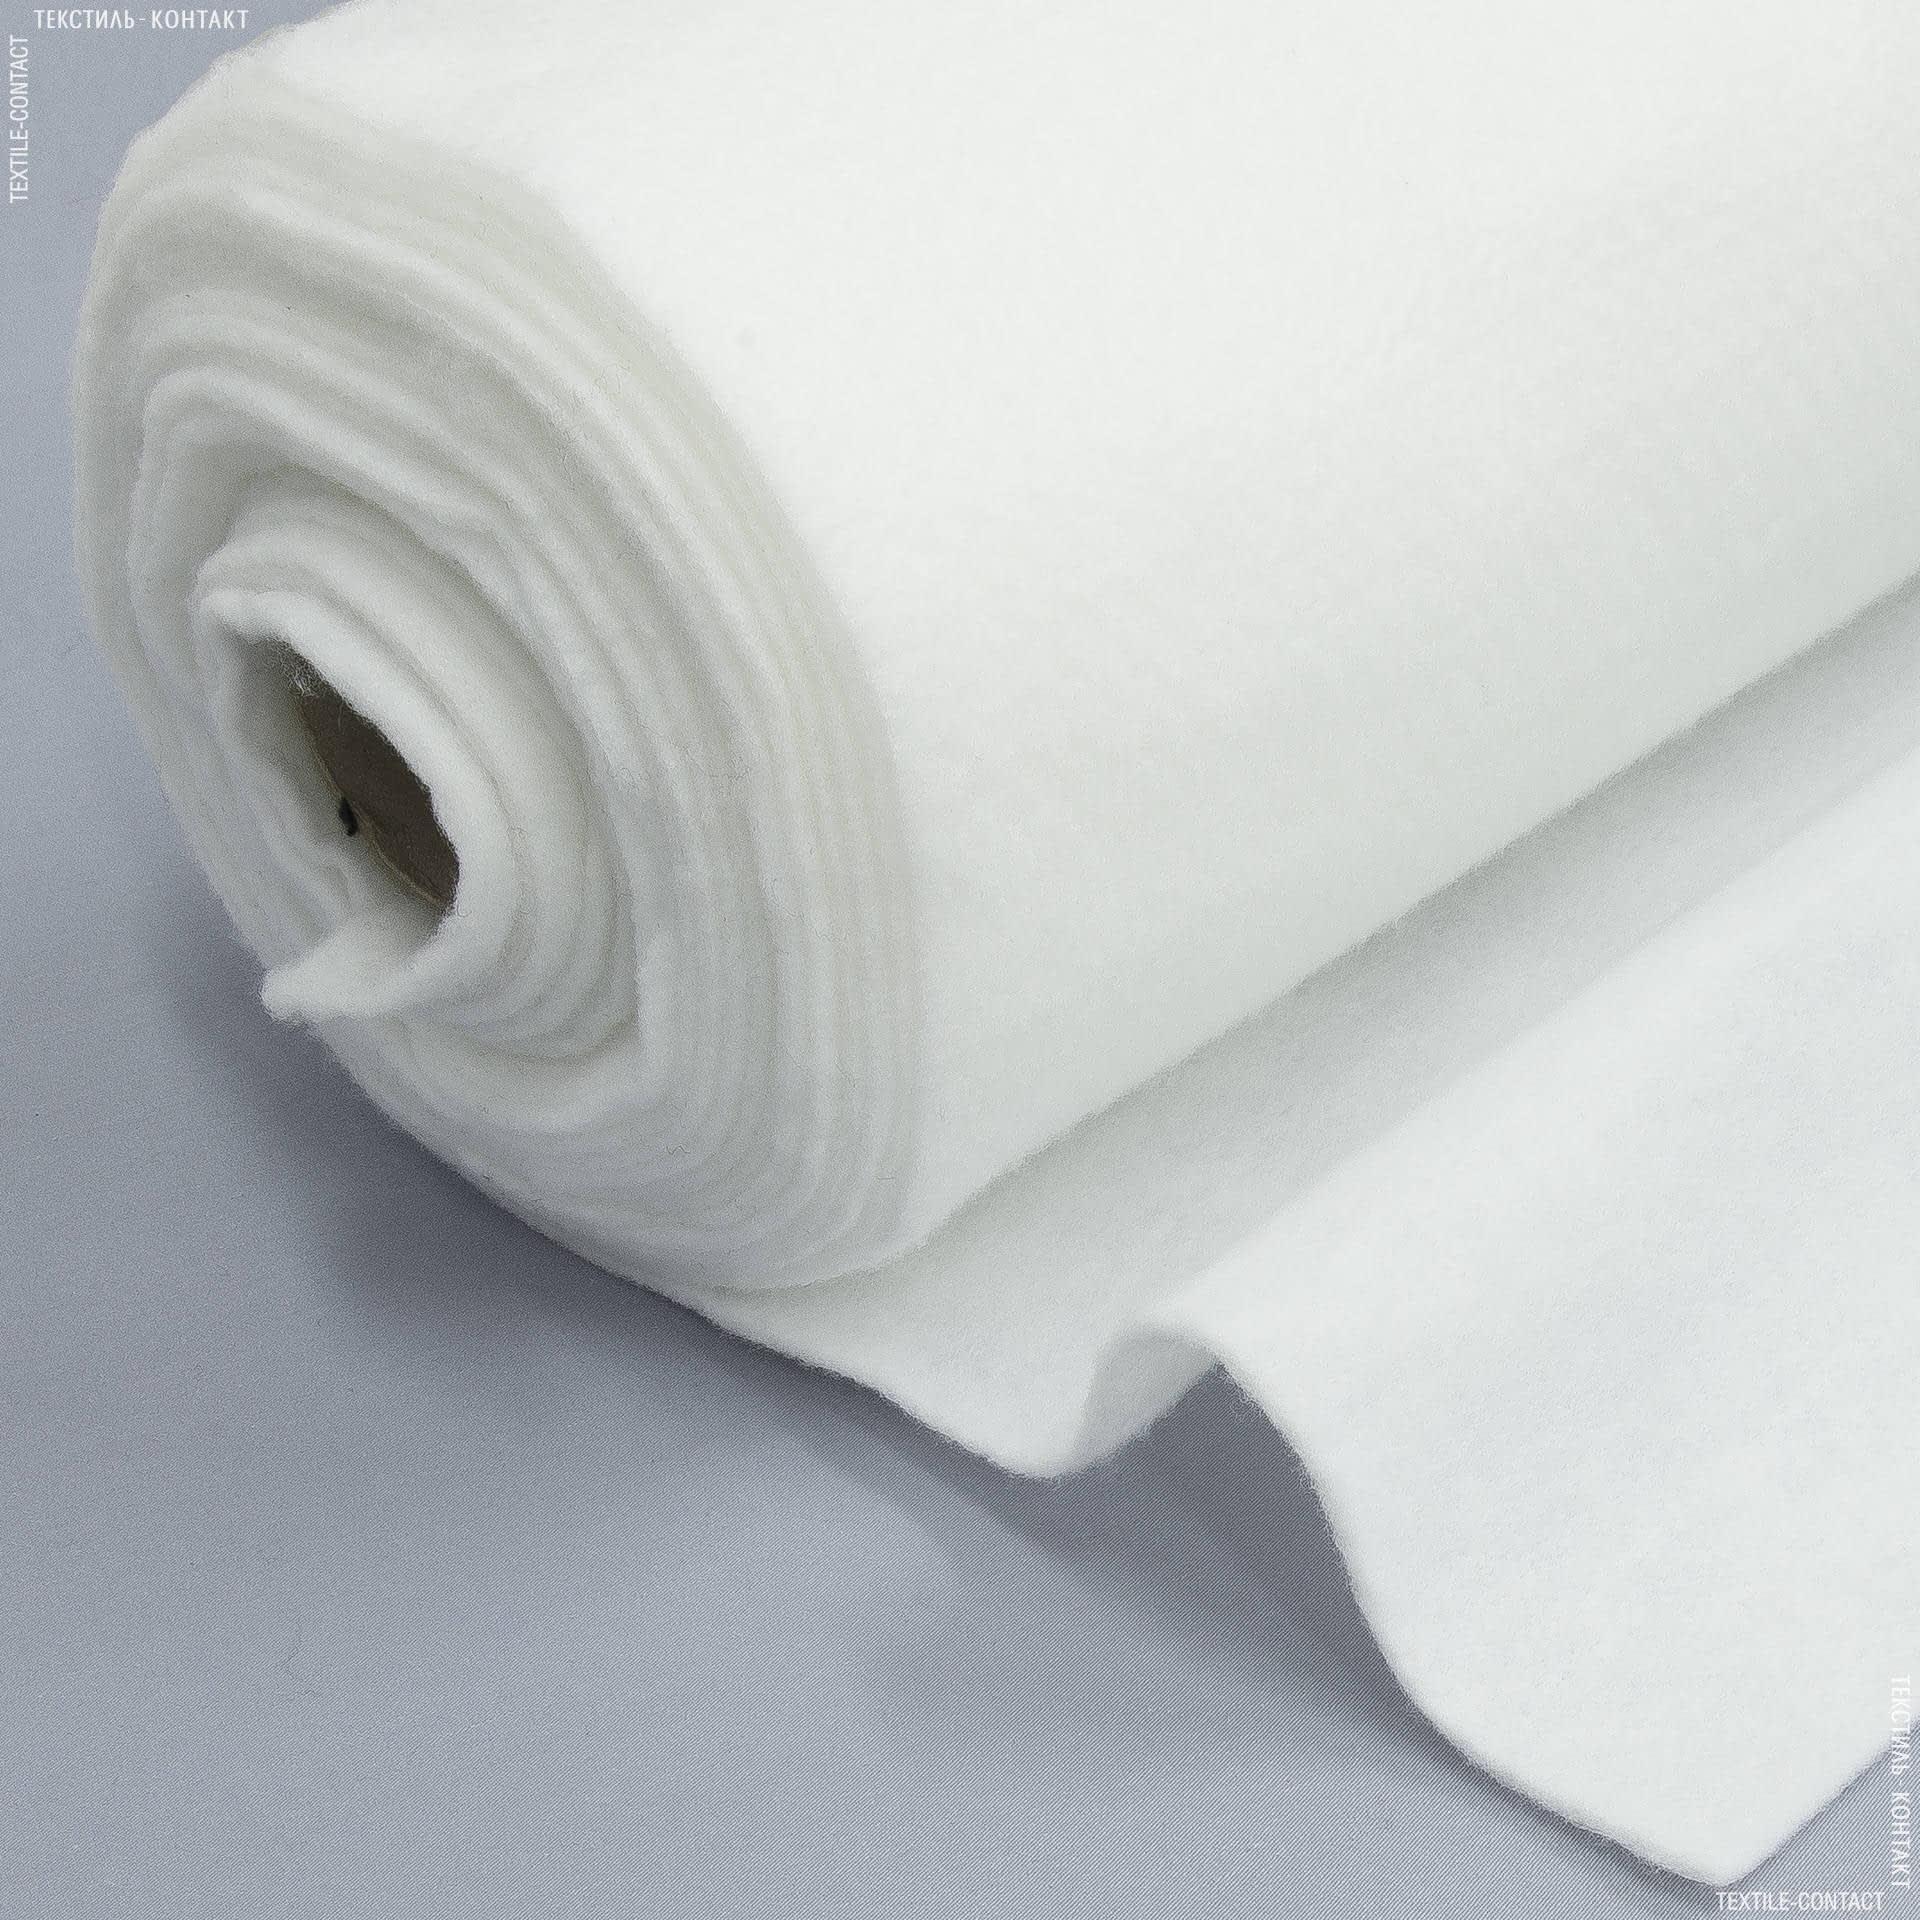 Ткани ненатуральные ткани - Утеплитель Slimtex белый 150